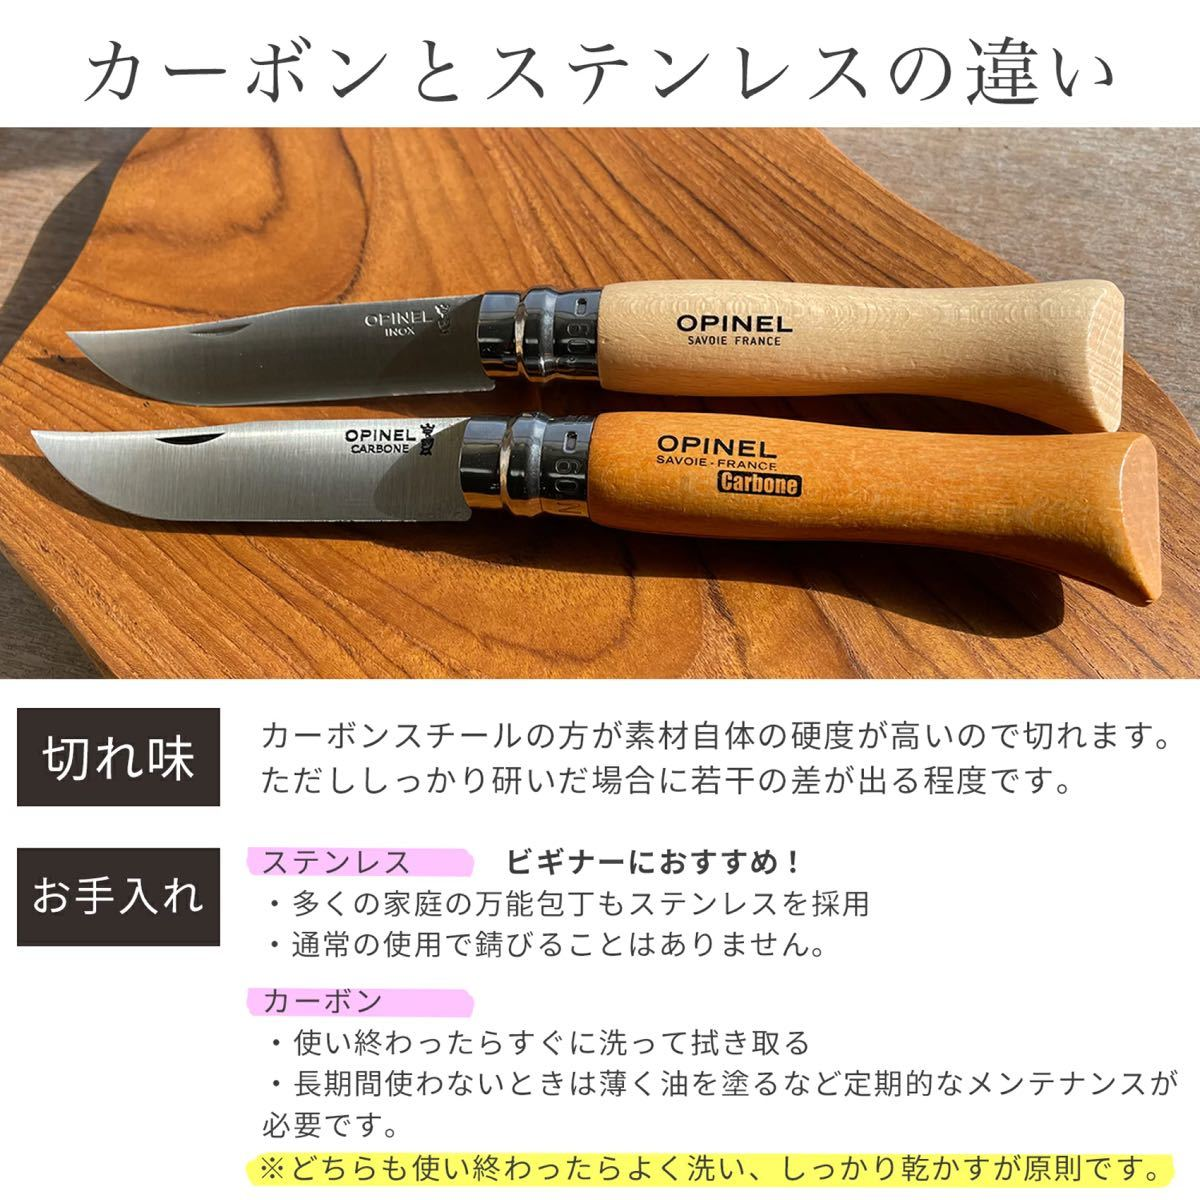 オピネルコロラマナイフ #8 8.5cm  新品 ソロキャンプに オススメ